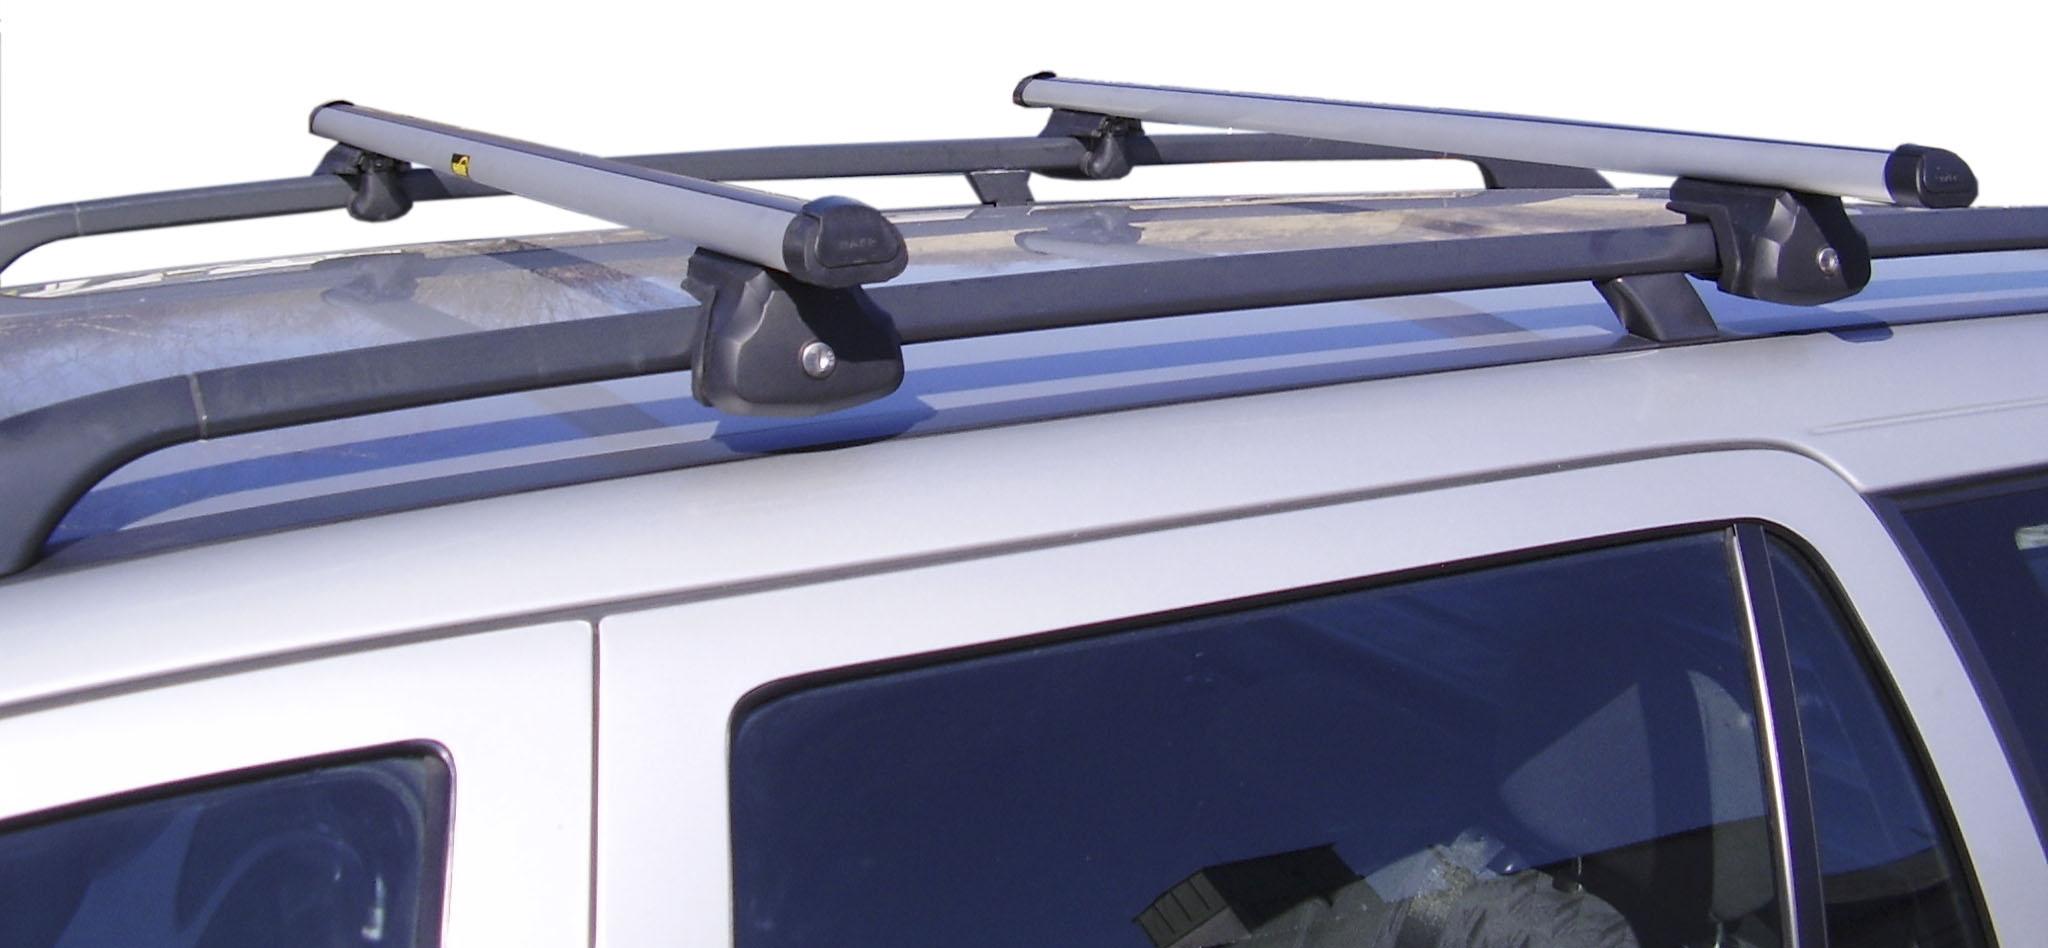 Strešný nosič HAKR 0013/0015 – ALU tyč pre CHEVROLET Captiva Strešný nosič HAKR HV0013